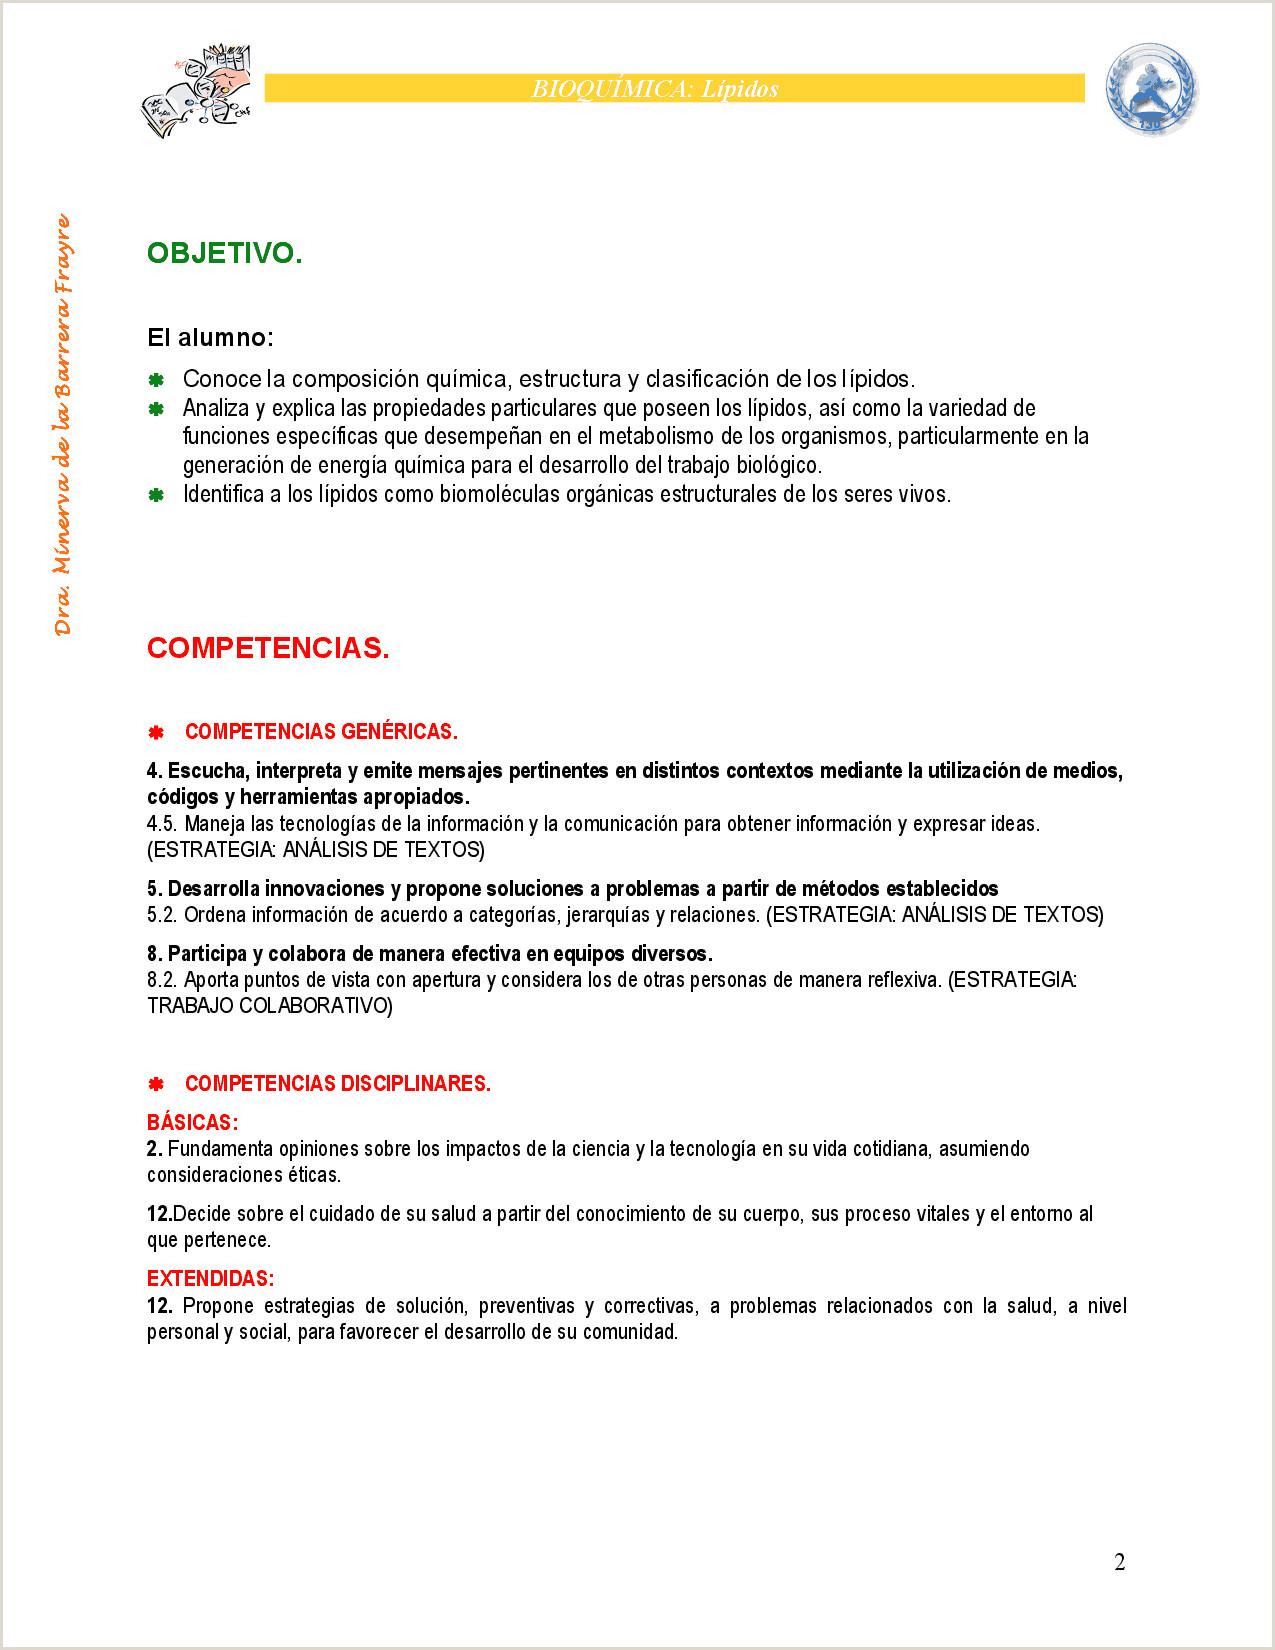 Formato De Hoja De Vida Minerva Descargar Bioqumica De Lpidos Docsity